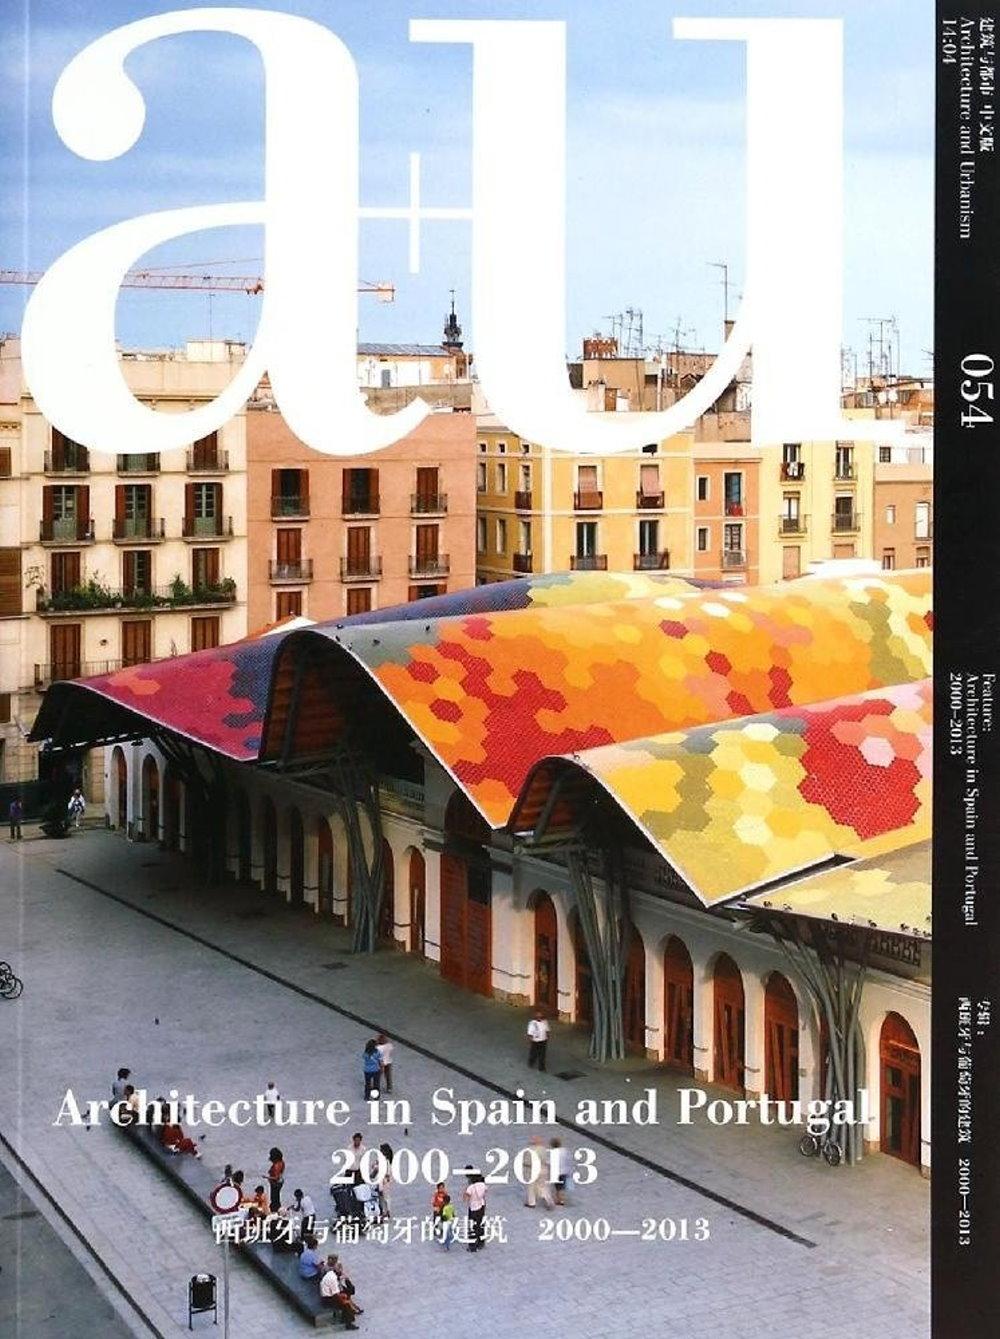 建築與都市—西班牙與葡萄牙的建築 2000-2013